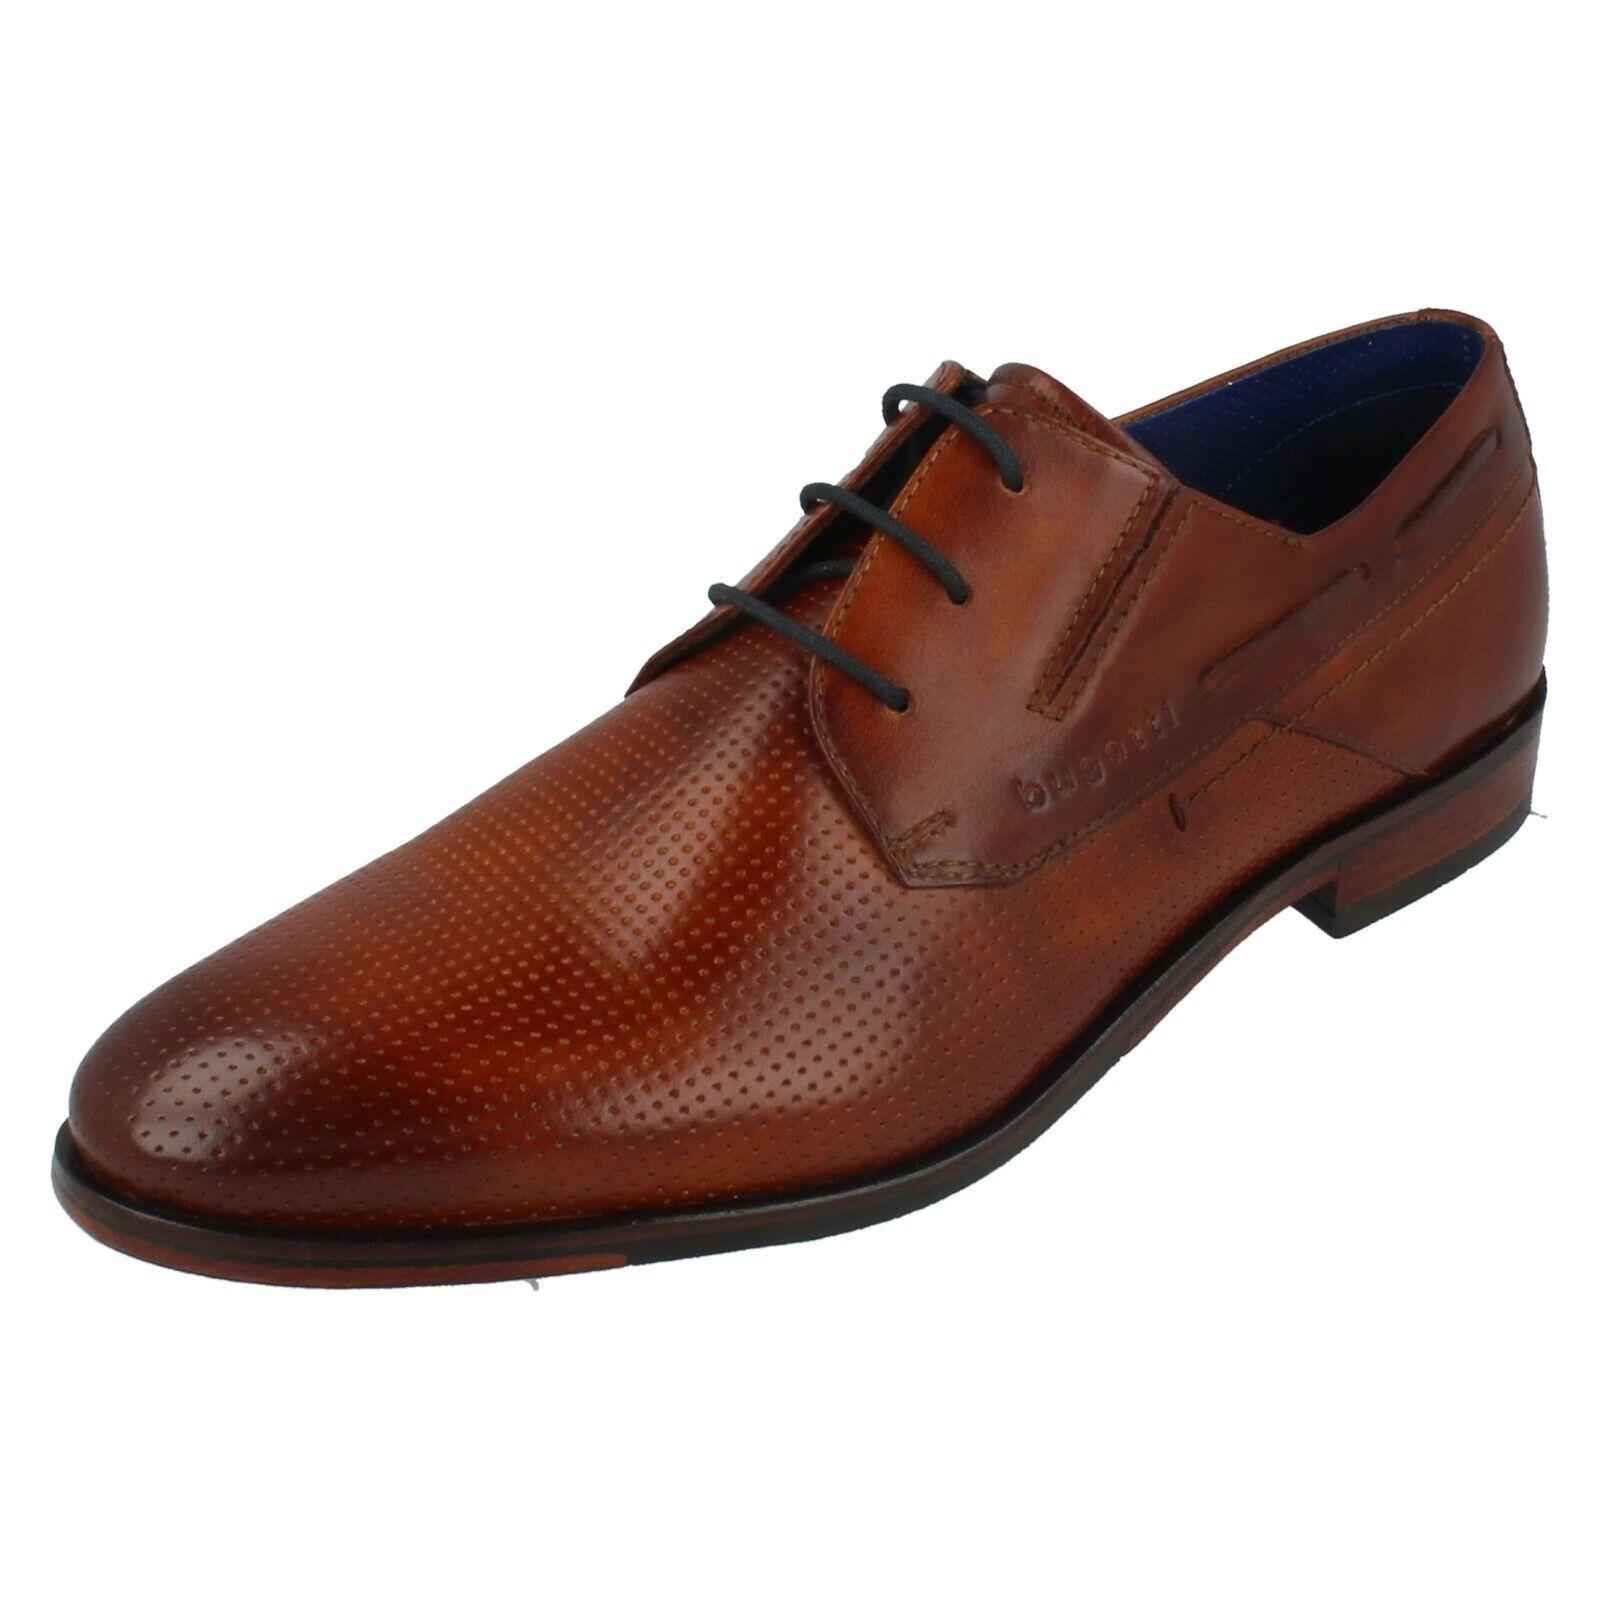 Hombre Bugatti Elegante Zapato Elegante con Cordones 311-67703-1100